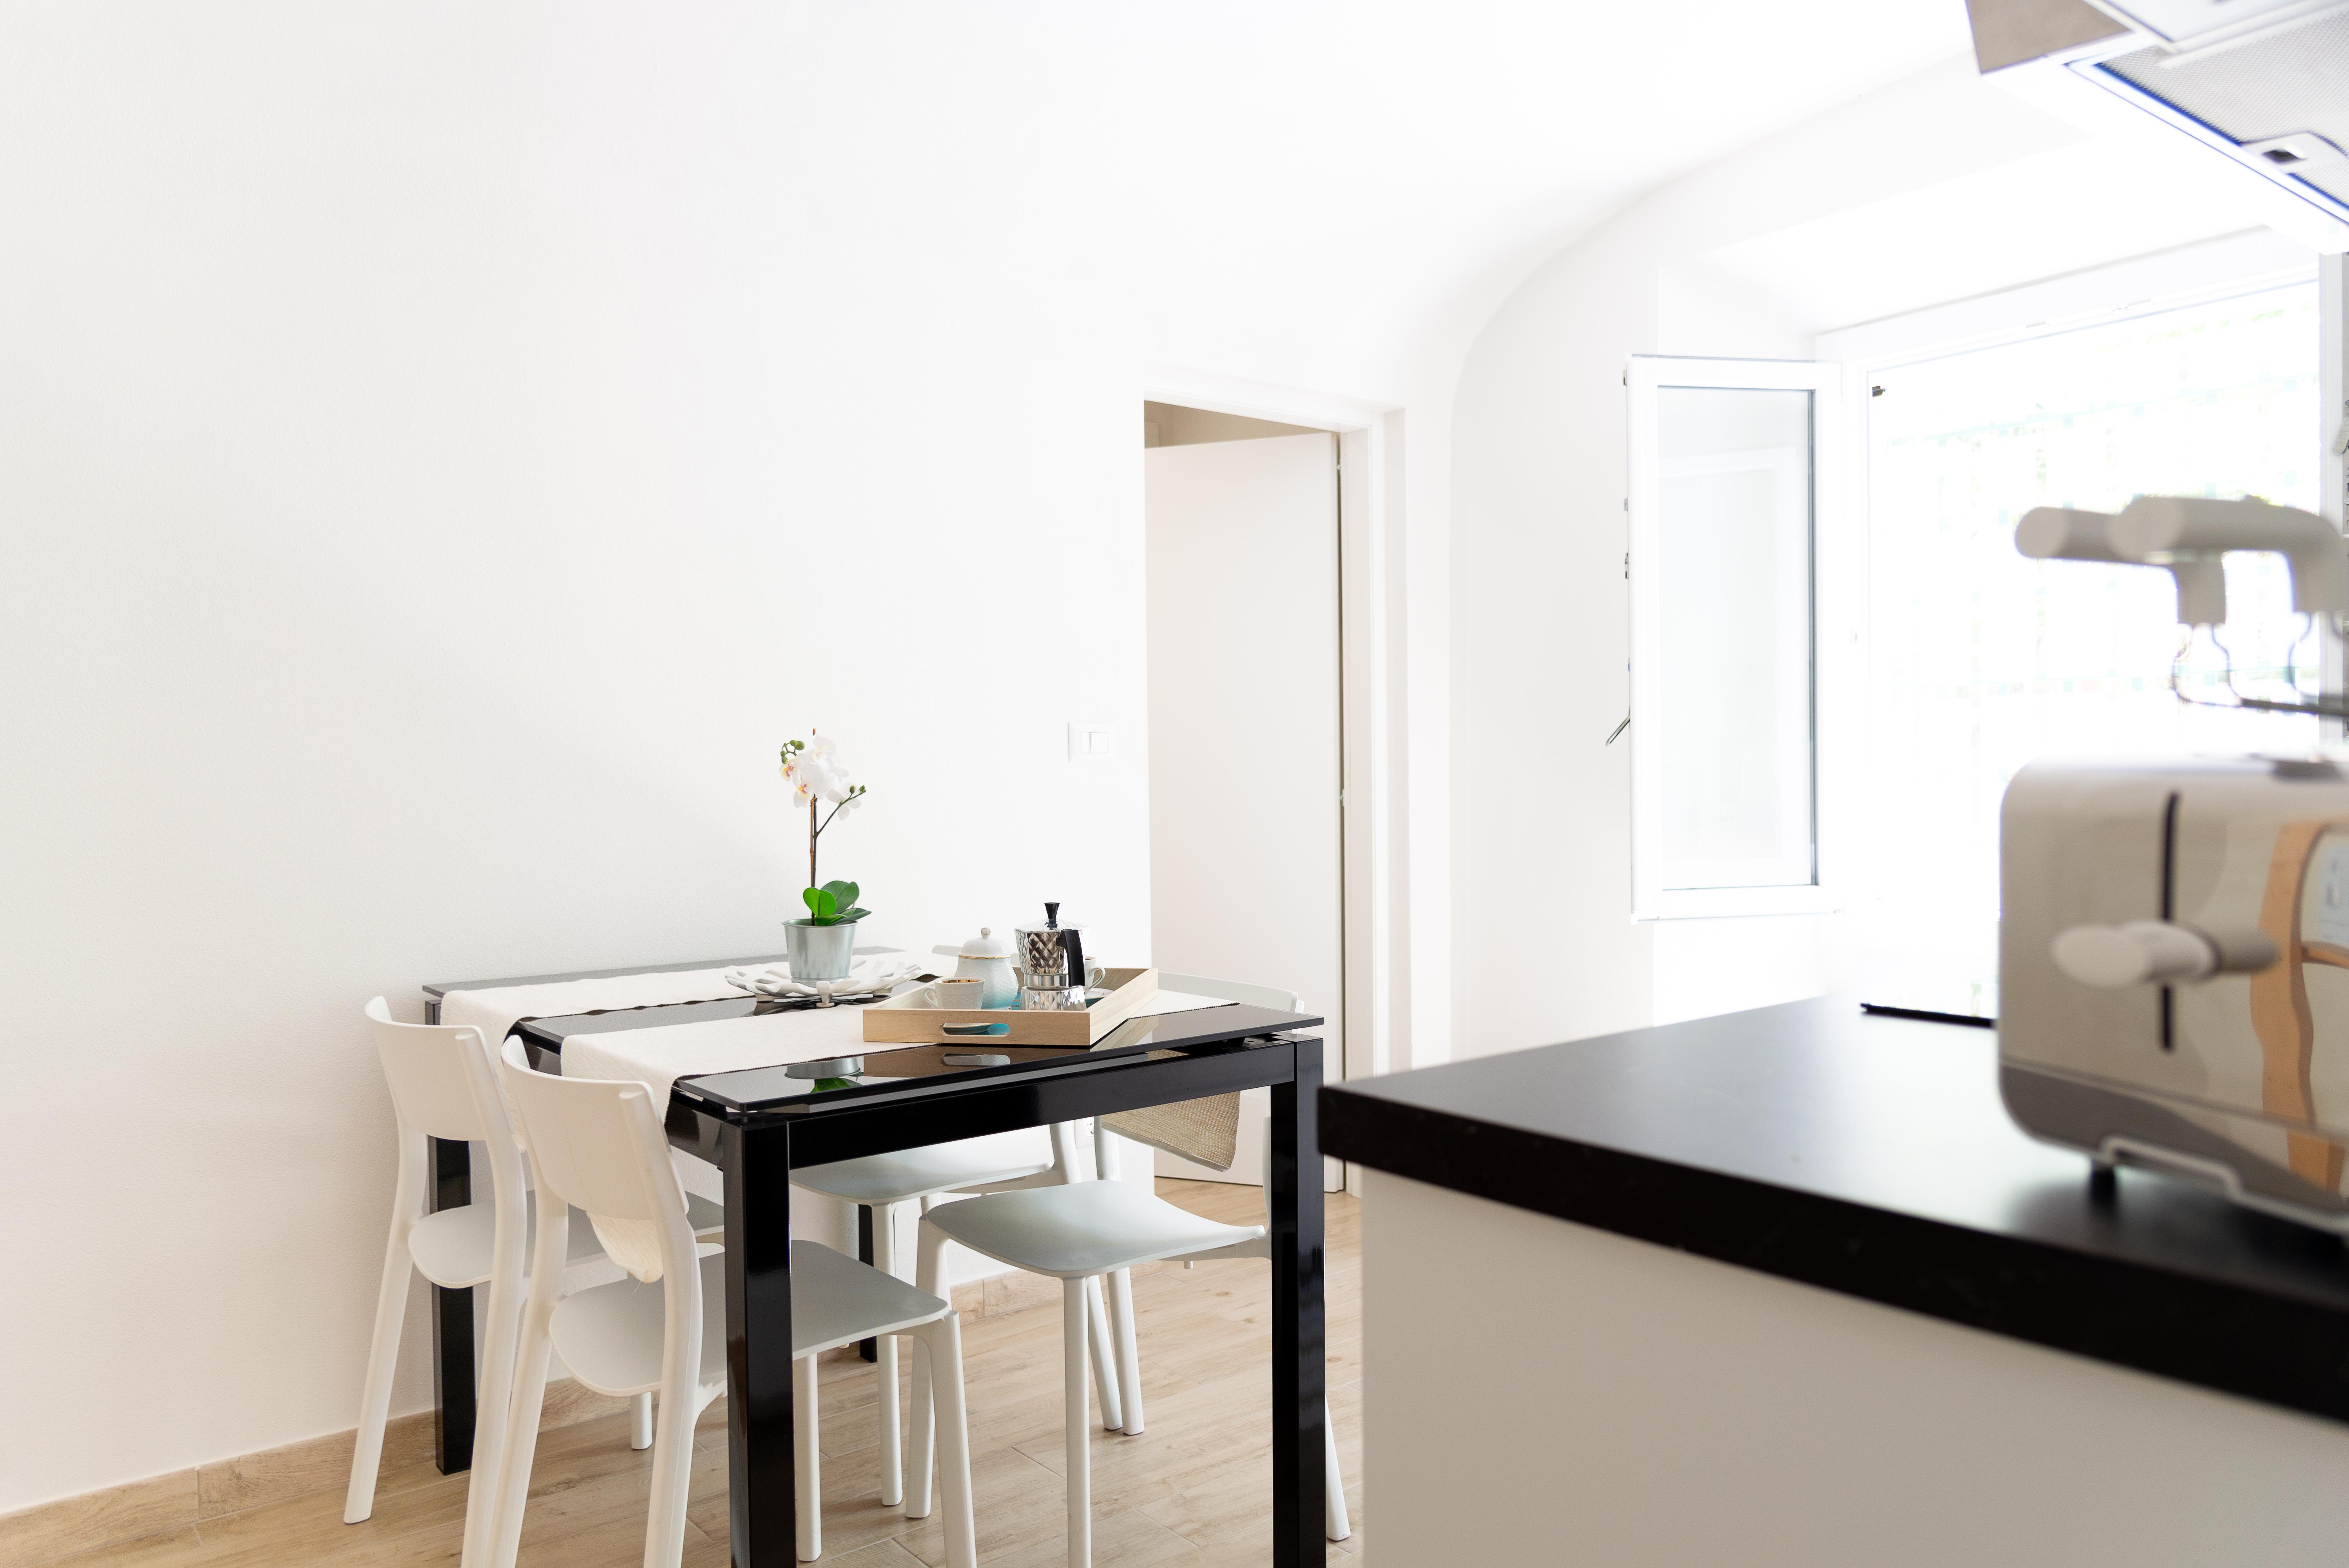 Cucina | Appartamento privato a Firenze